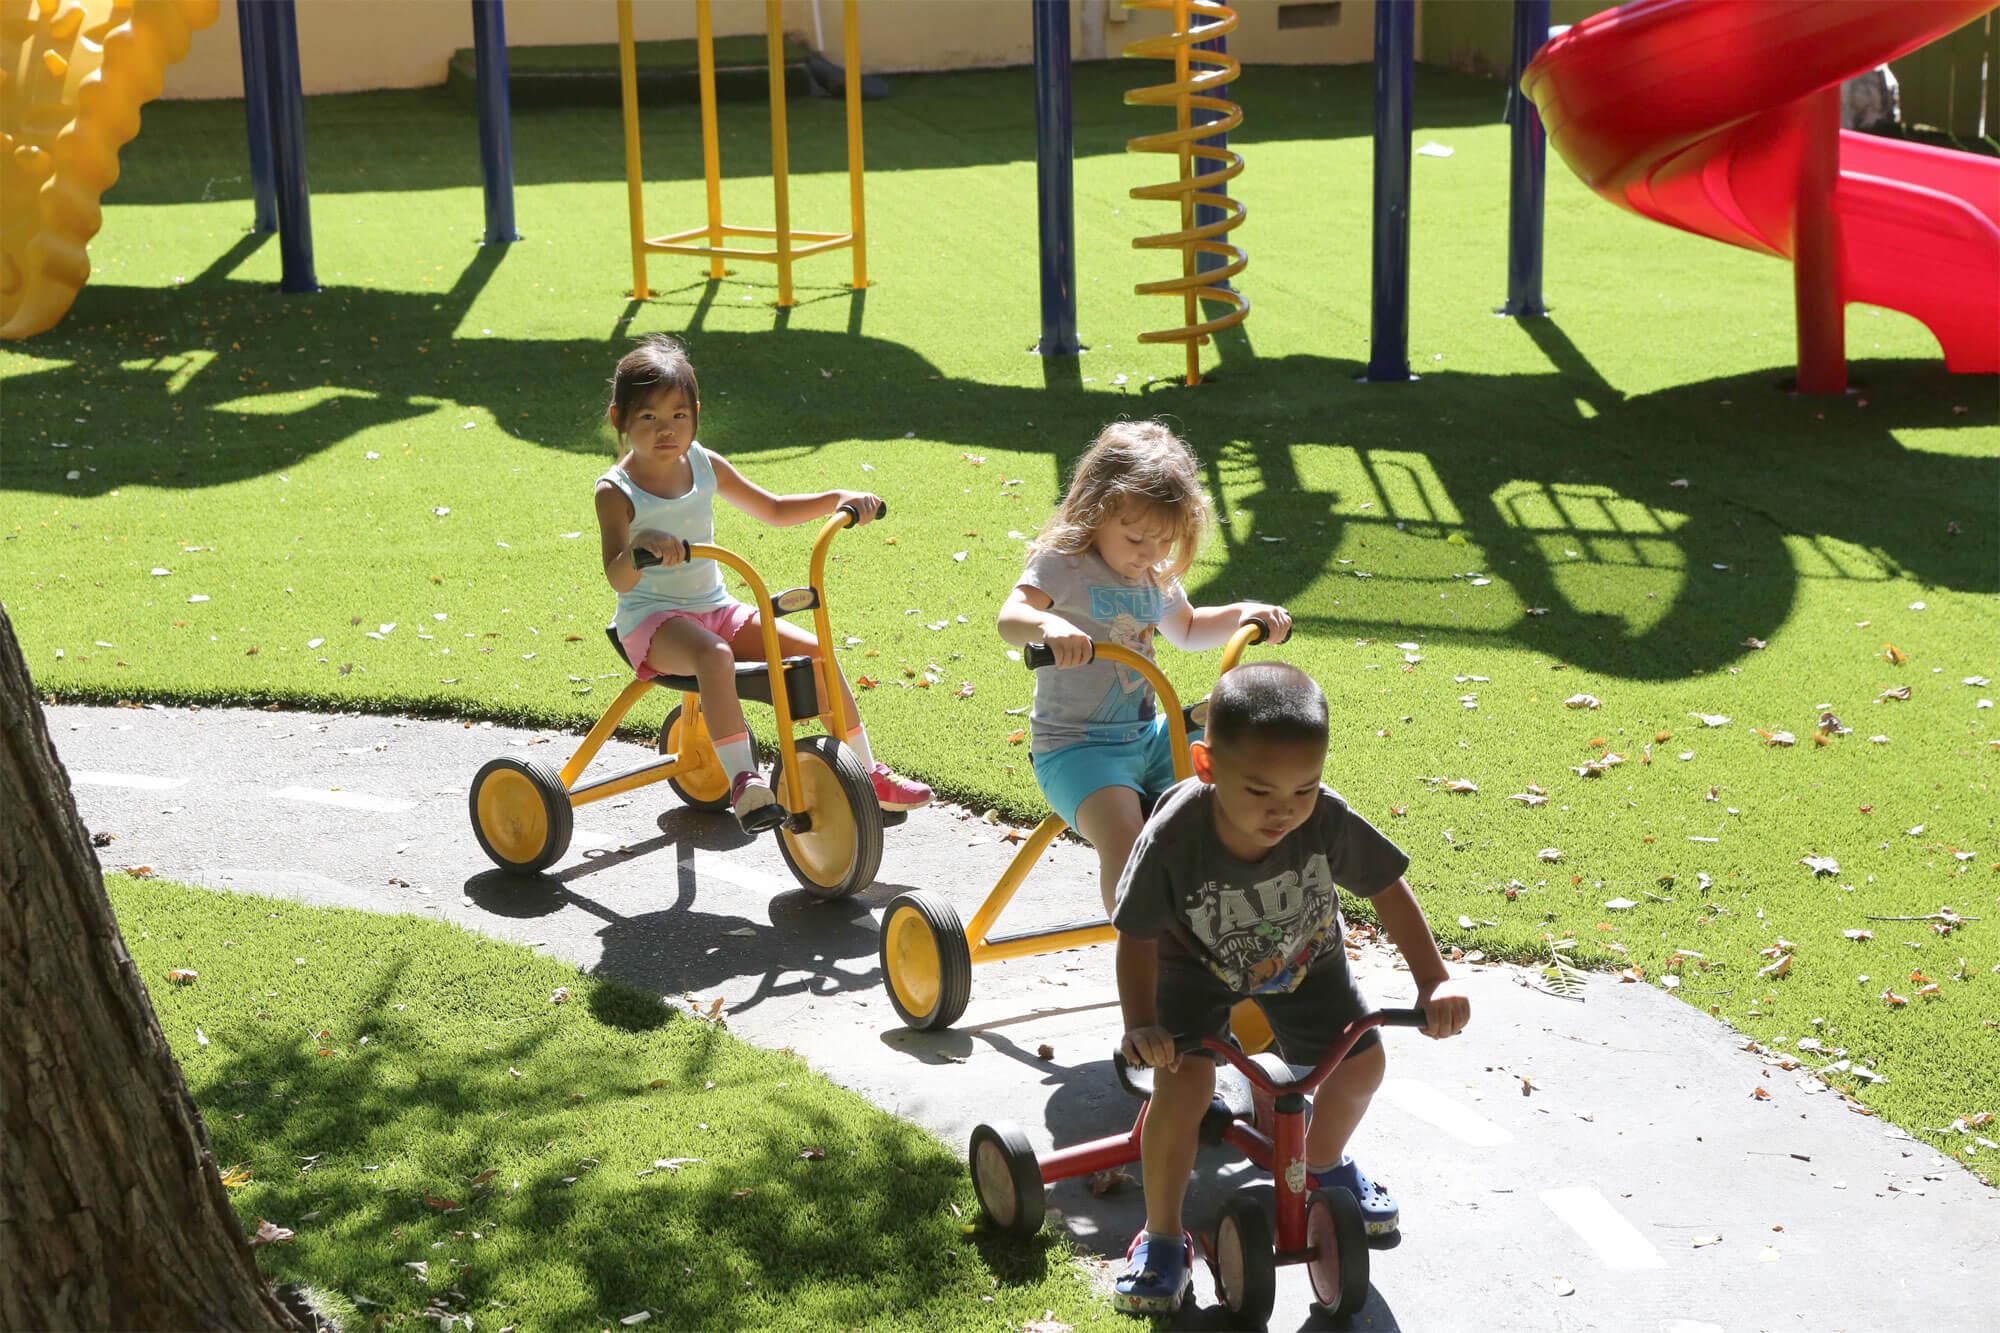 Pasadena preschool